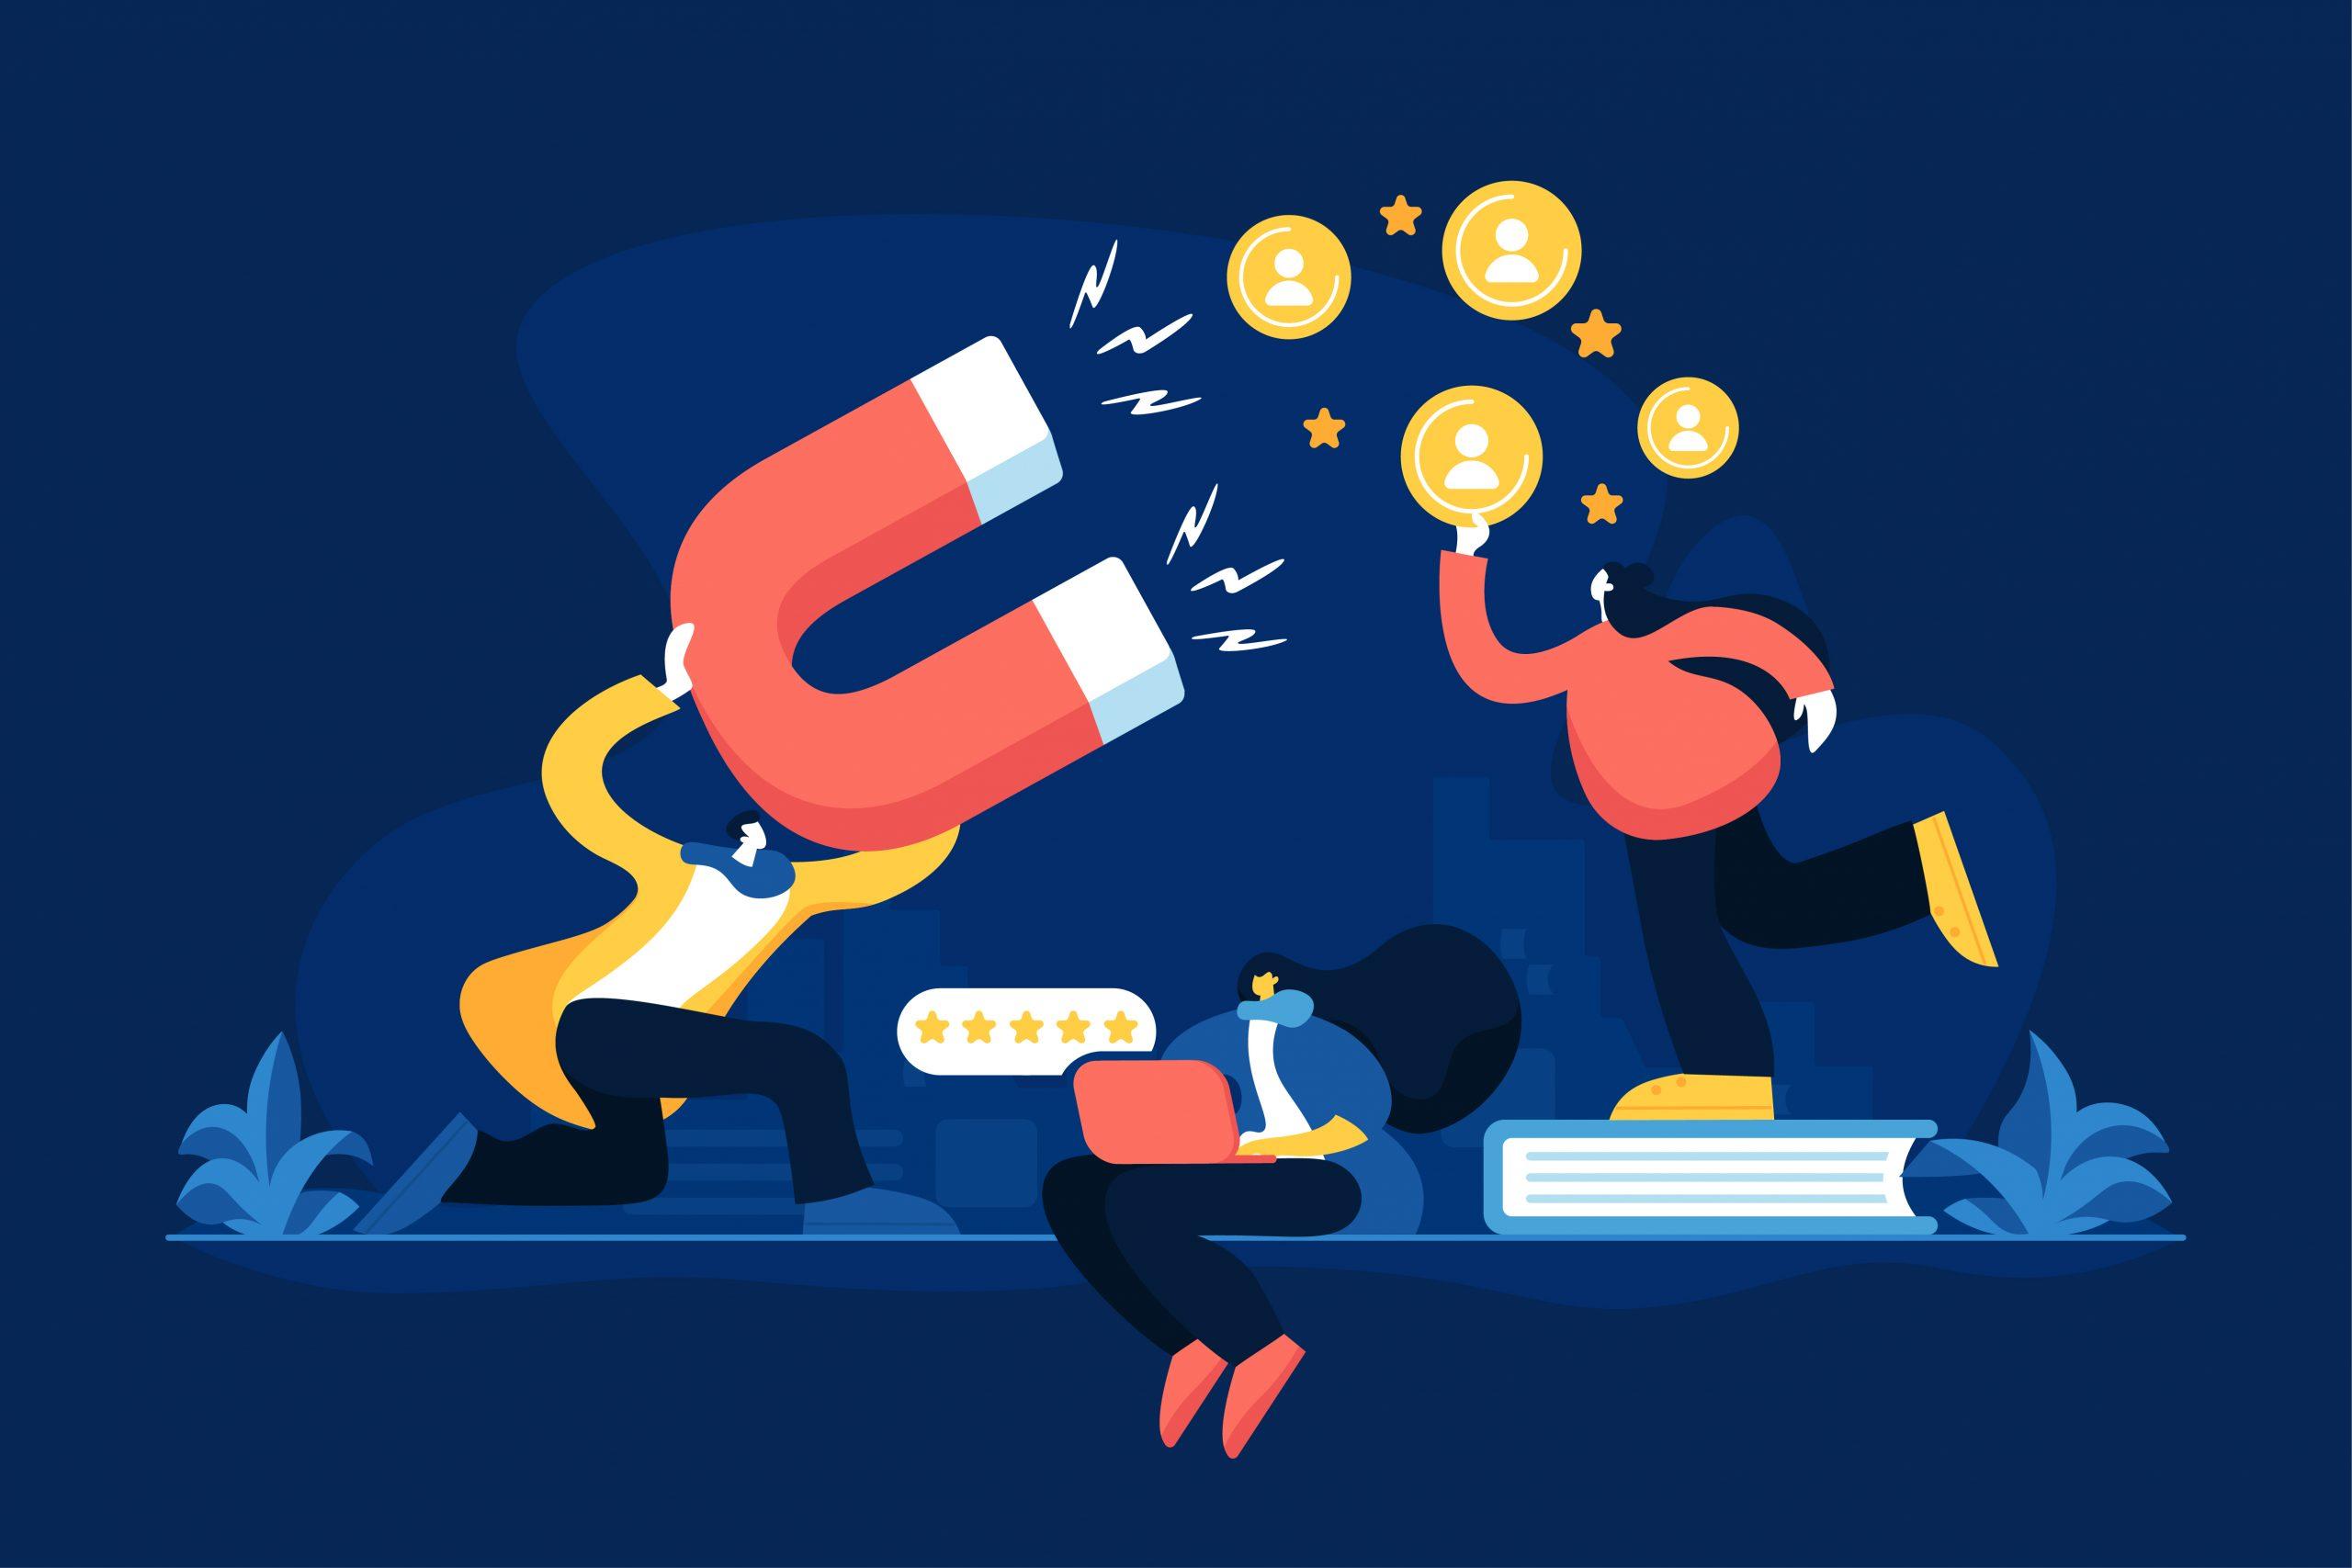 Tăng tỷ lệ giữ chân khách hàng (Customer Retention Rate) thế nào? |  Tomorrow Marketers